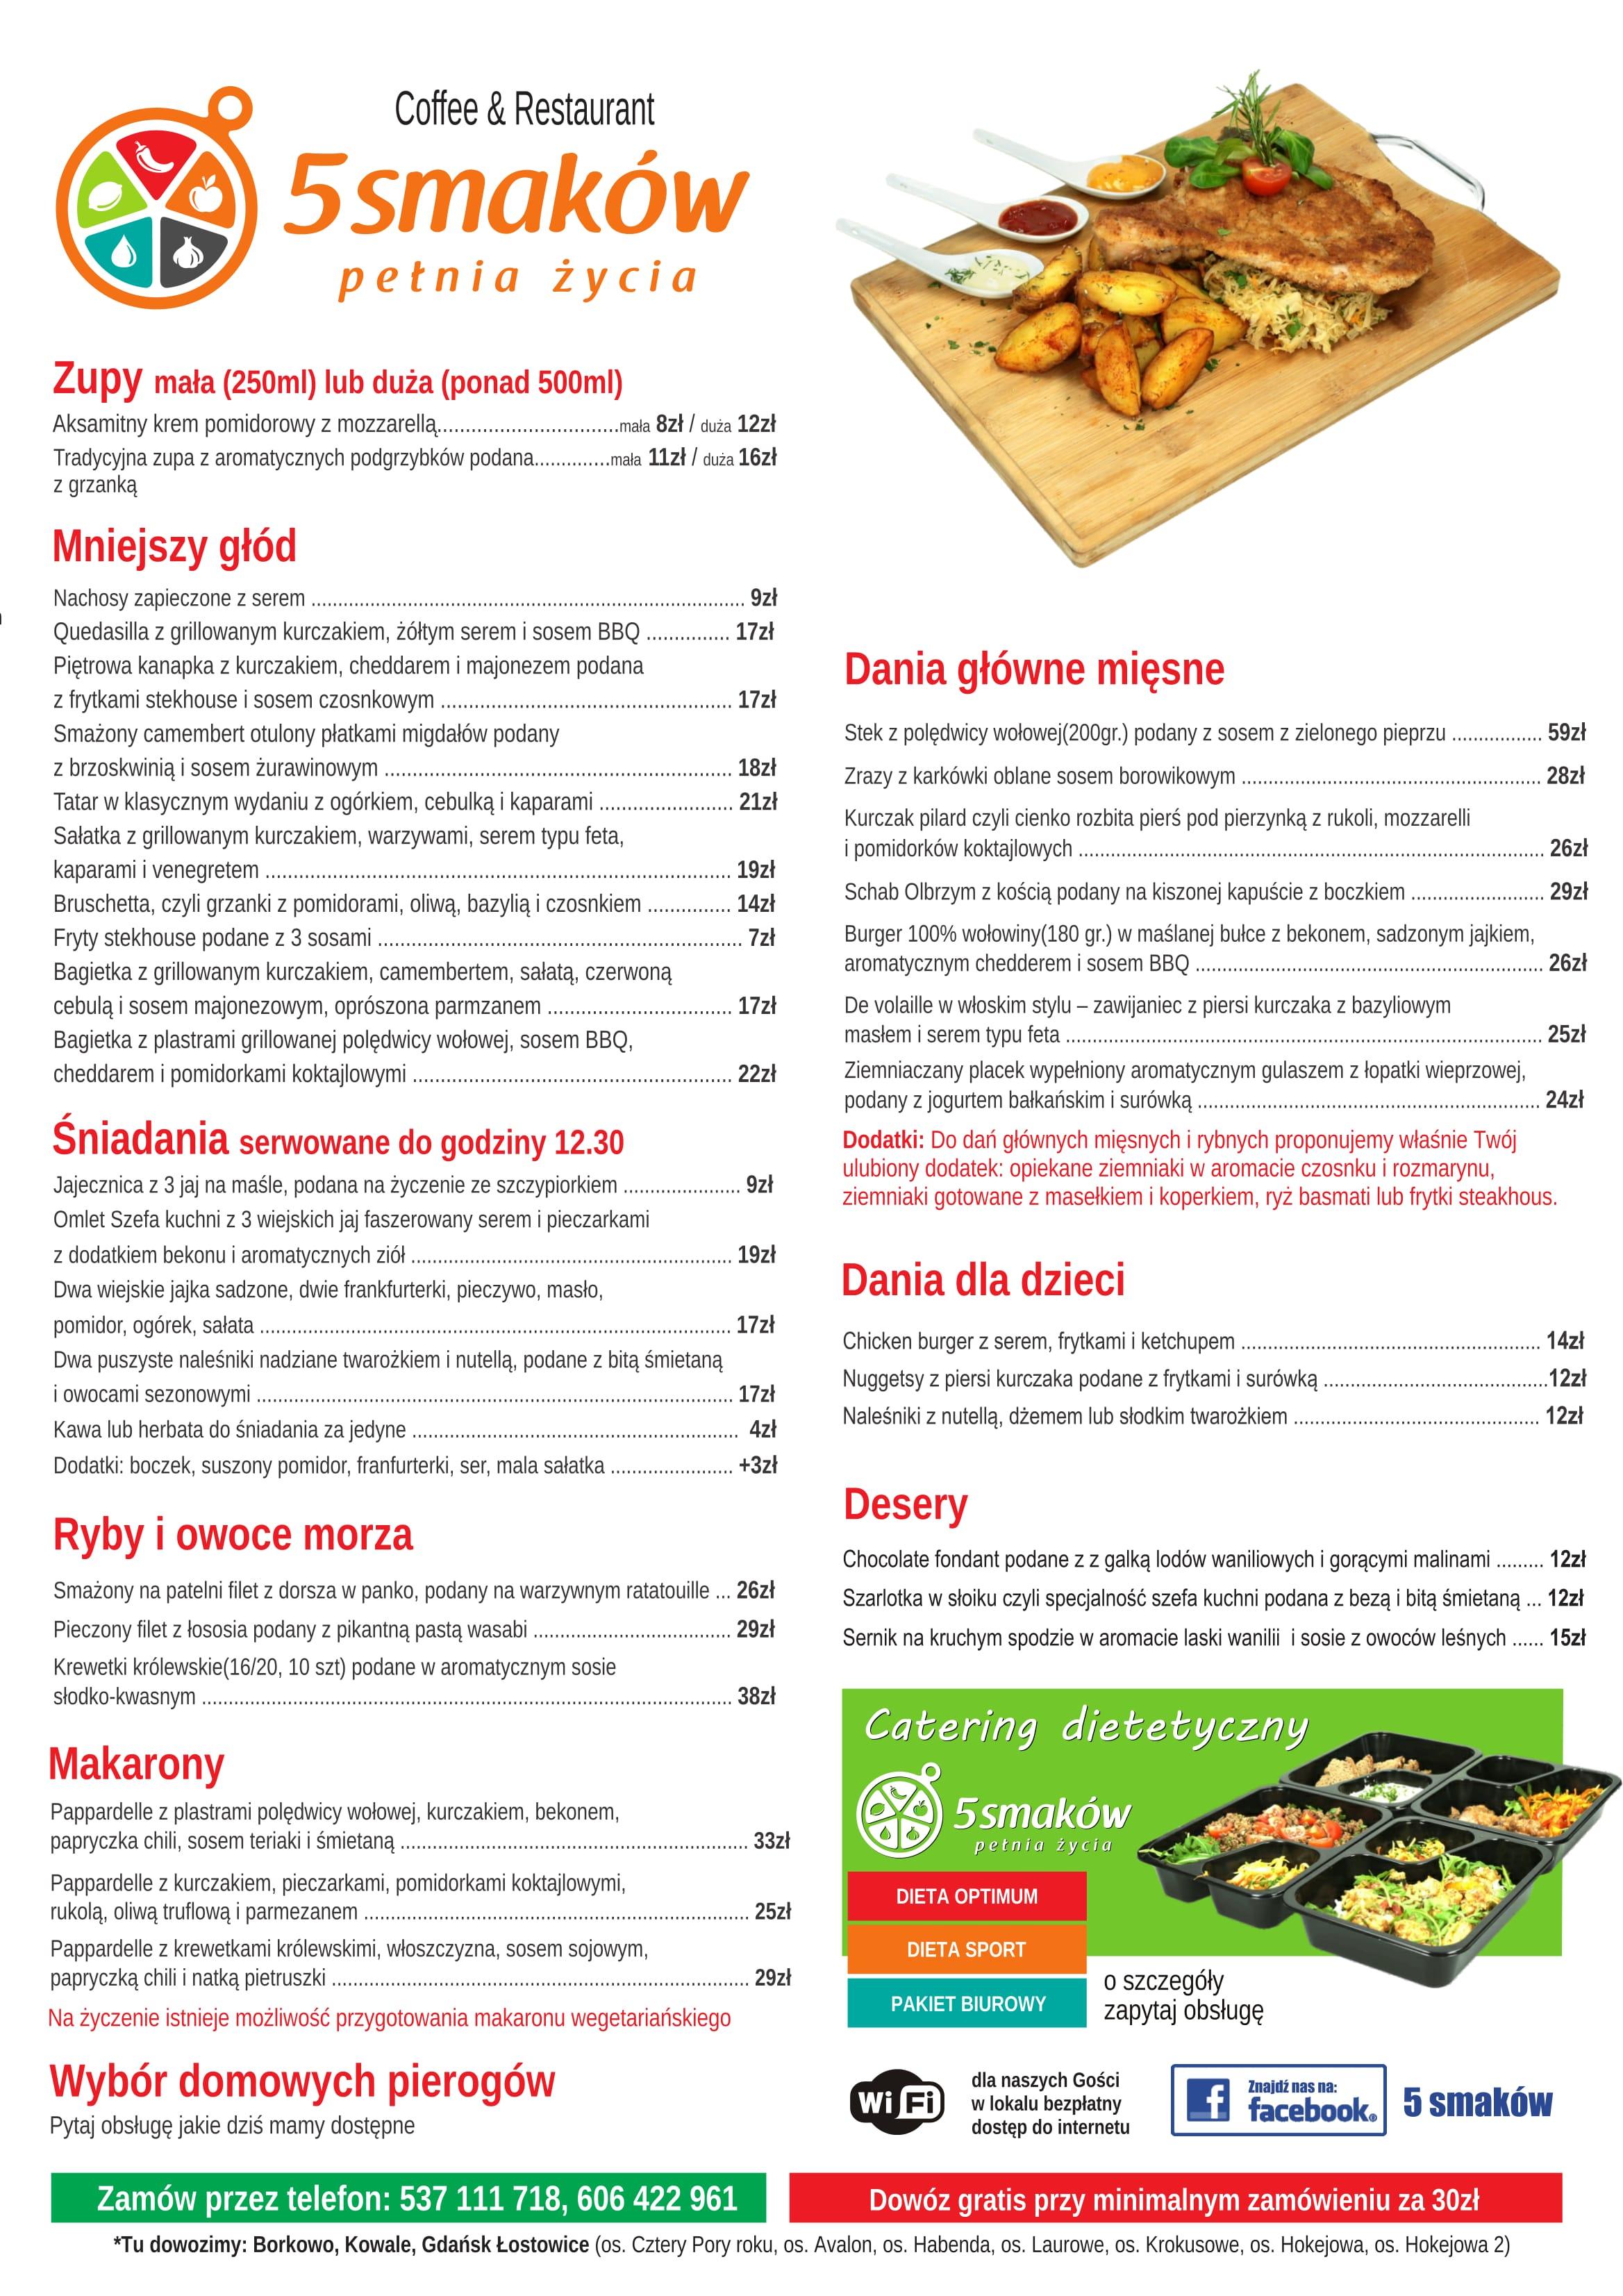 menu 5smakow poprawione(1)-1